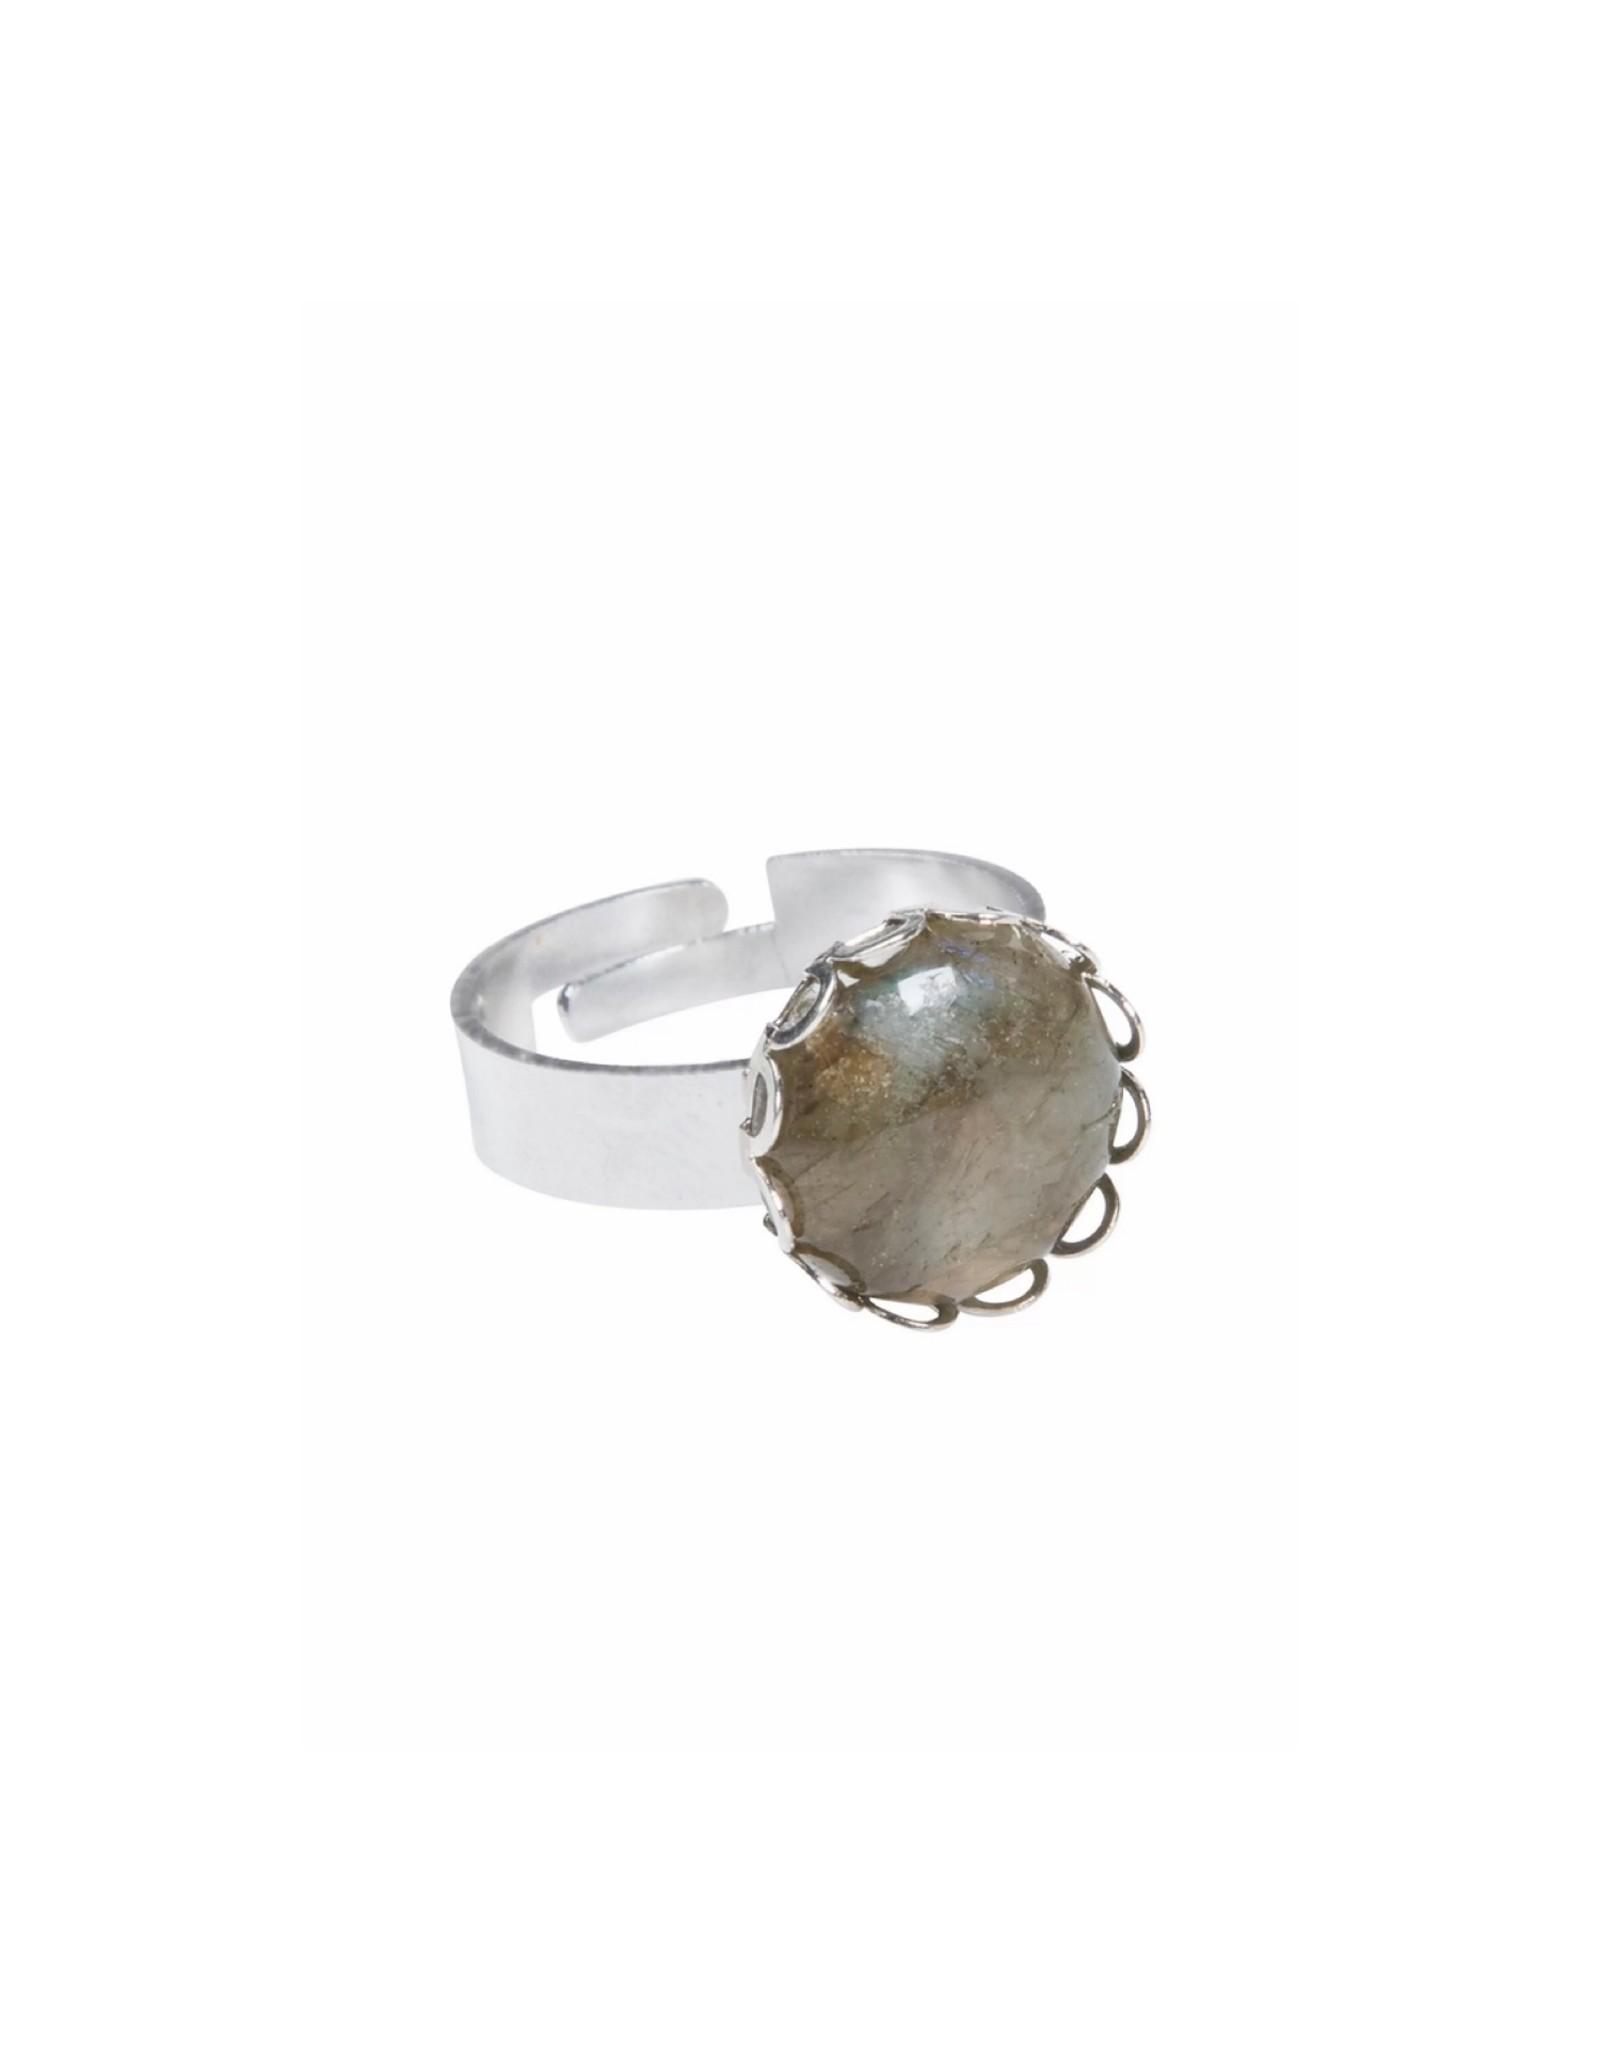 Ring in zetting grijs